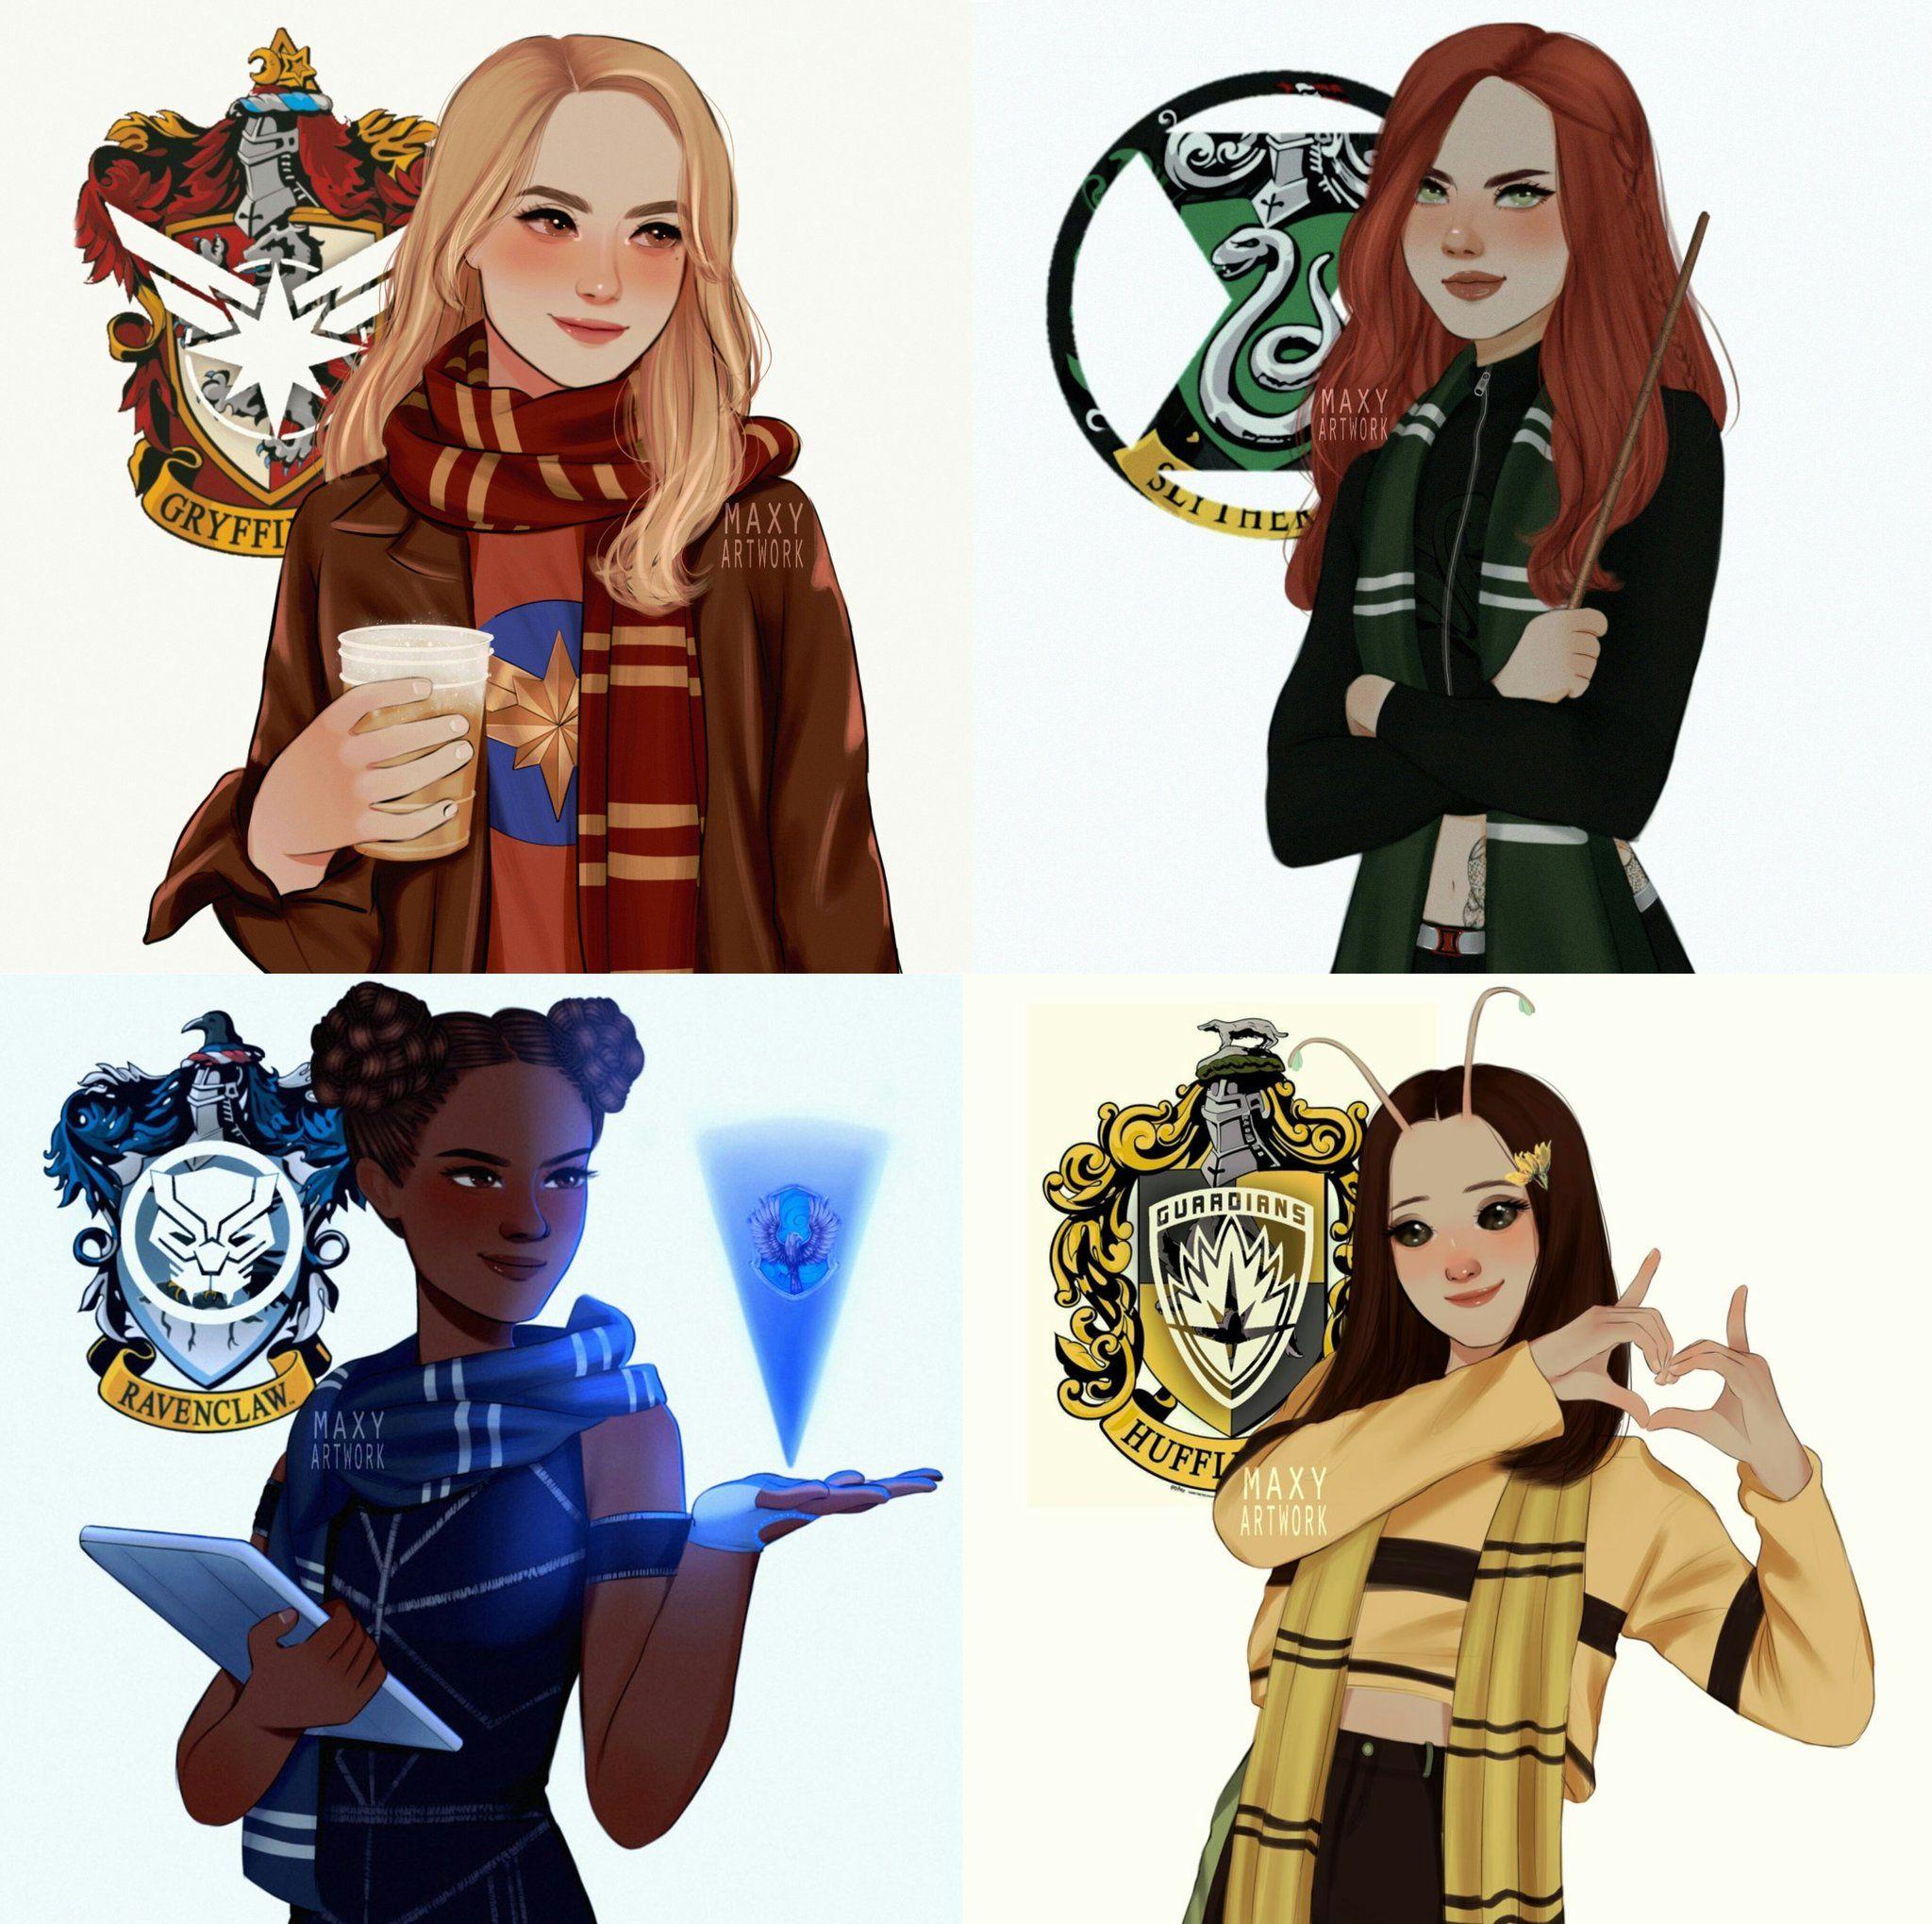 Avengers Assemble Br On Twitter Harry Potter Images Harry Potter Outfits Harry Potter Anime